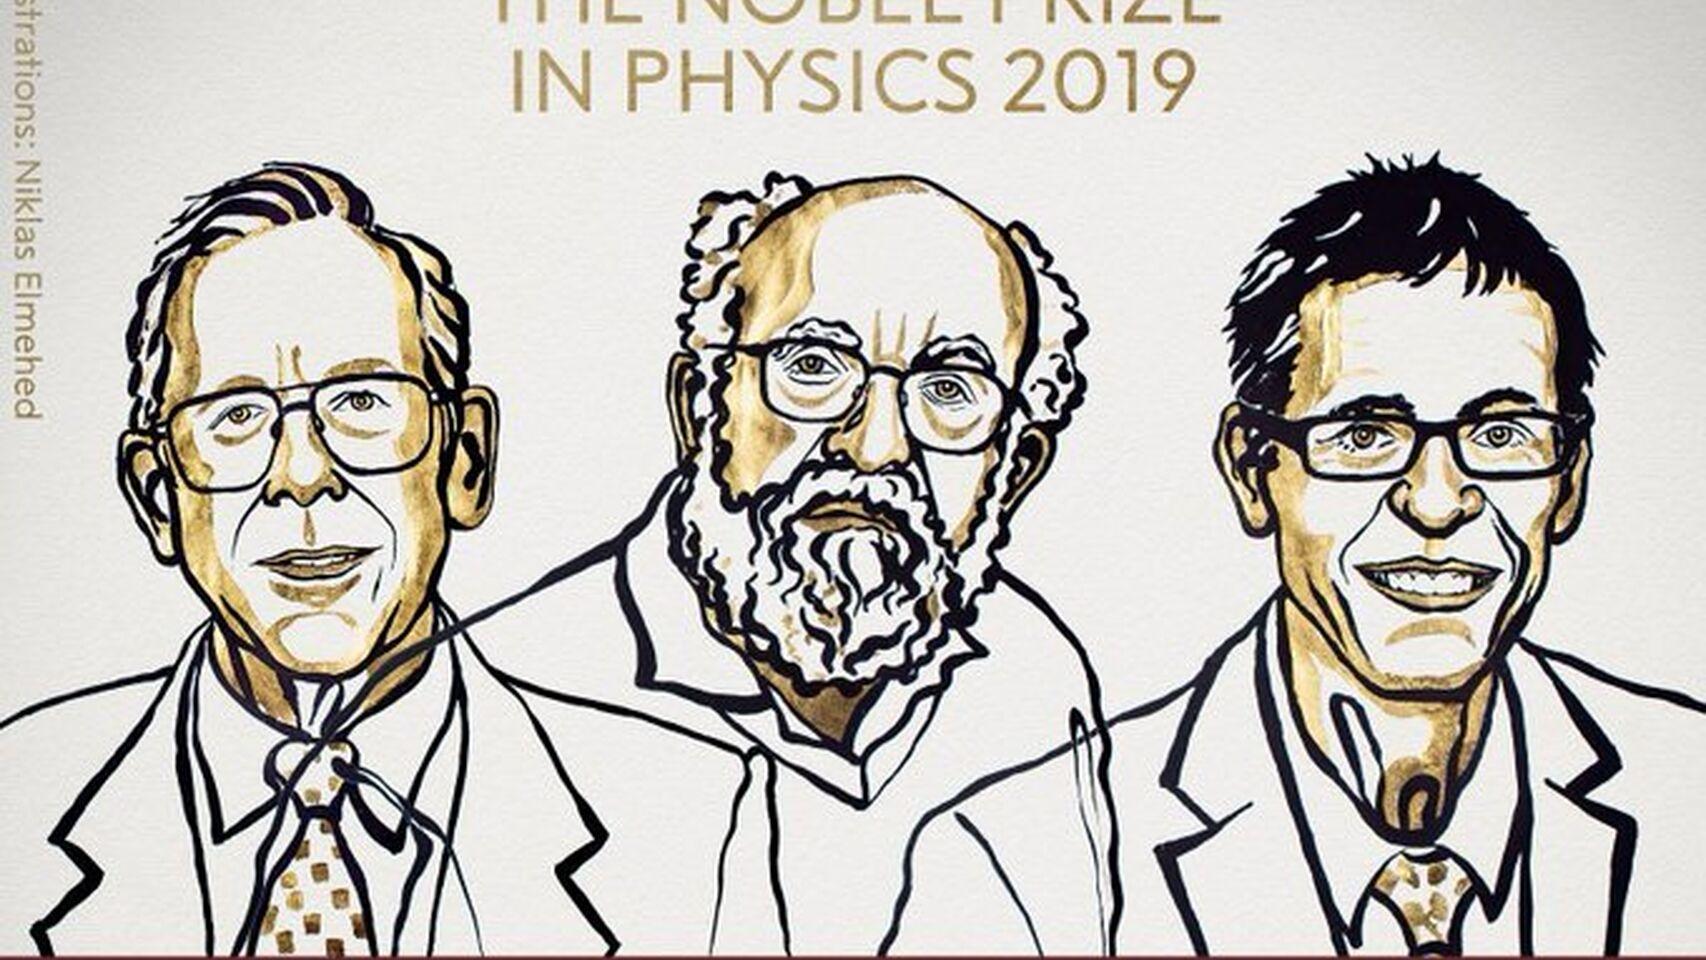 James Peebles, Michel Mayor y Didier Queloz, Nobel de Física 2019.